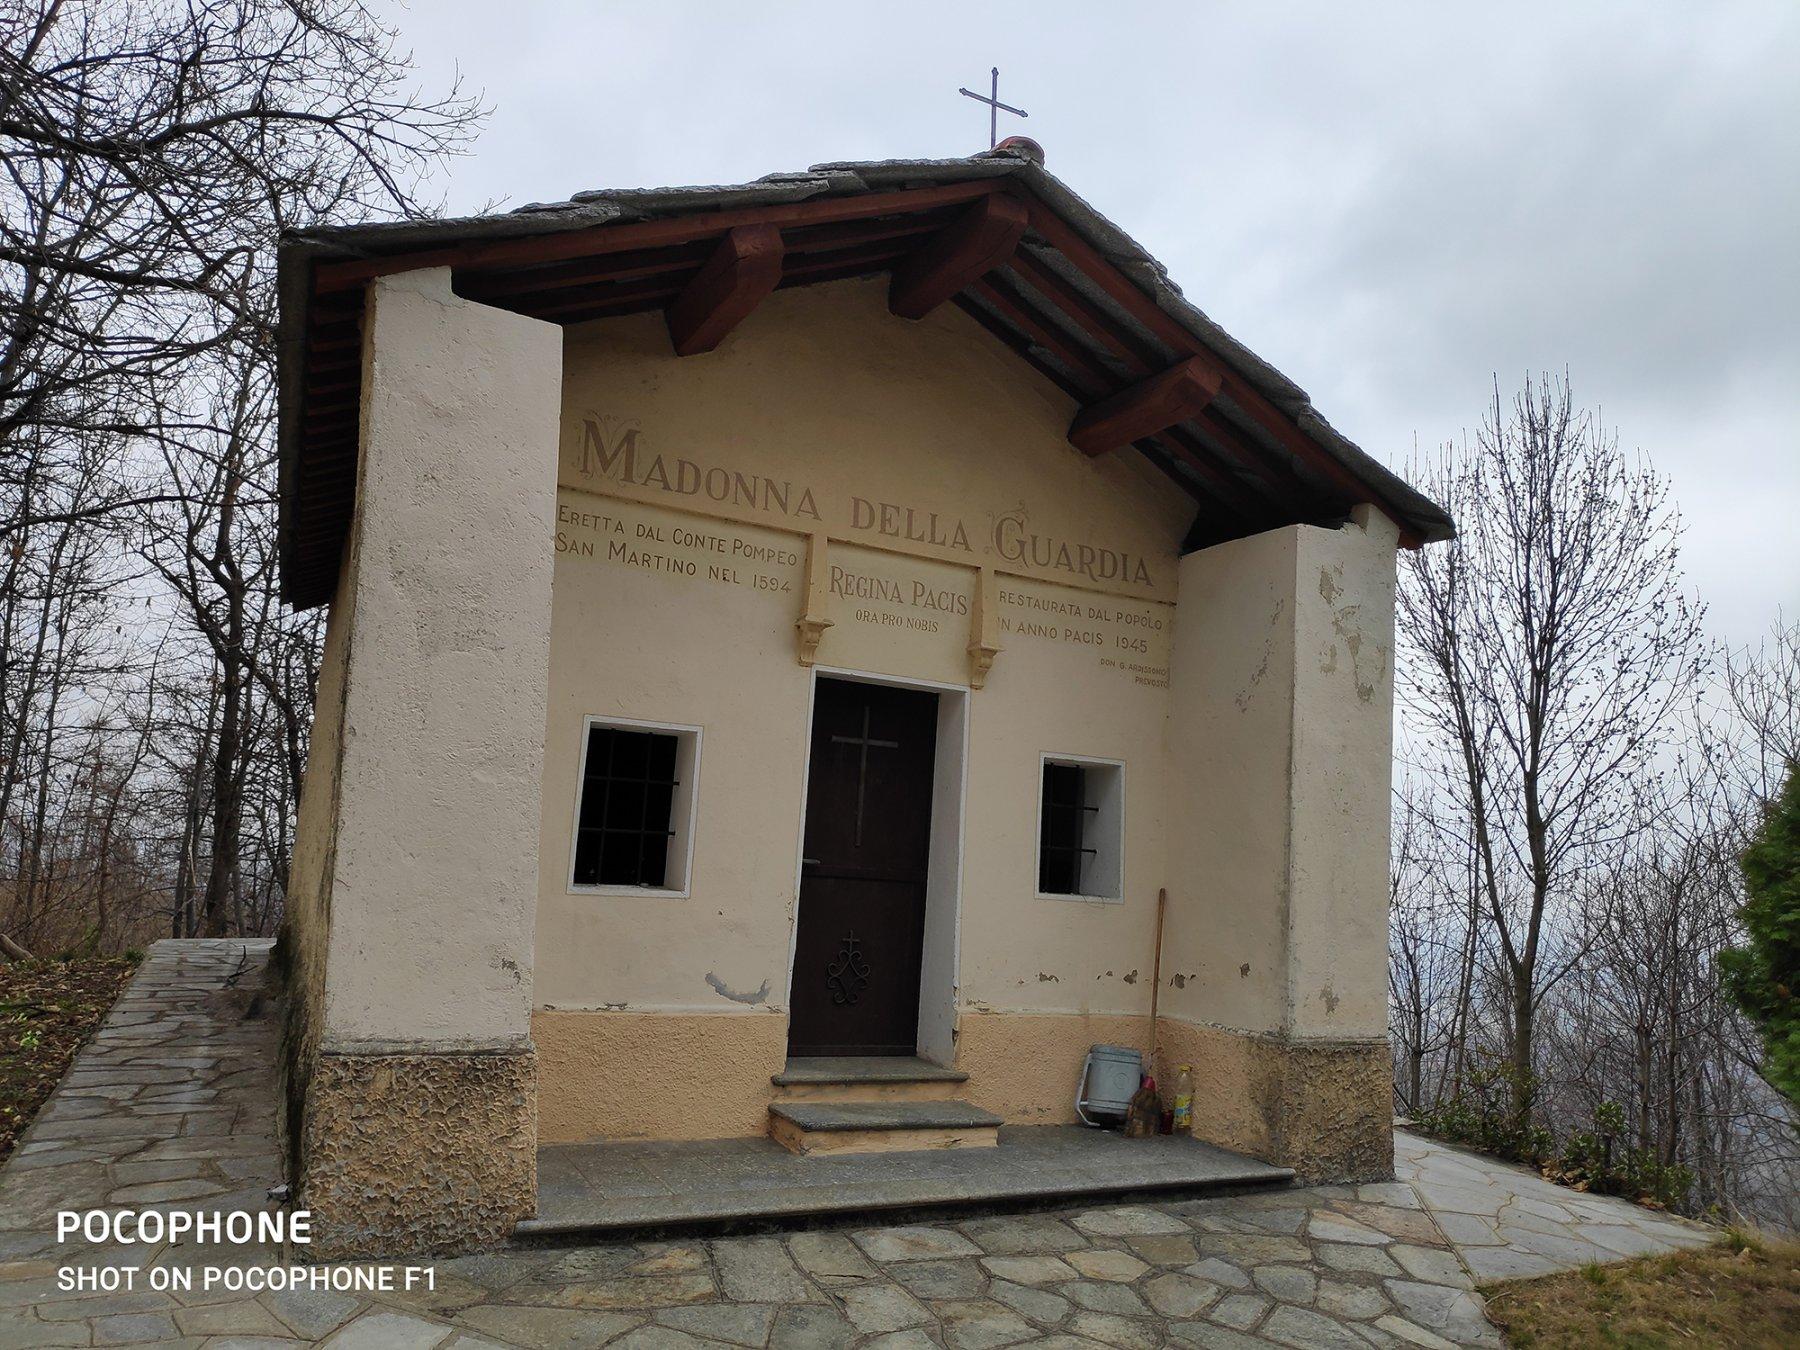 la chiesa Madonna della Guardia